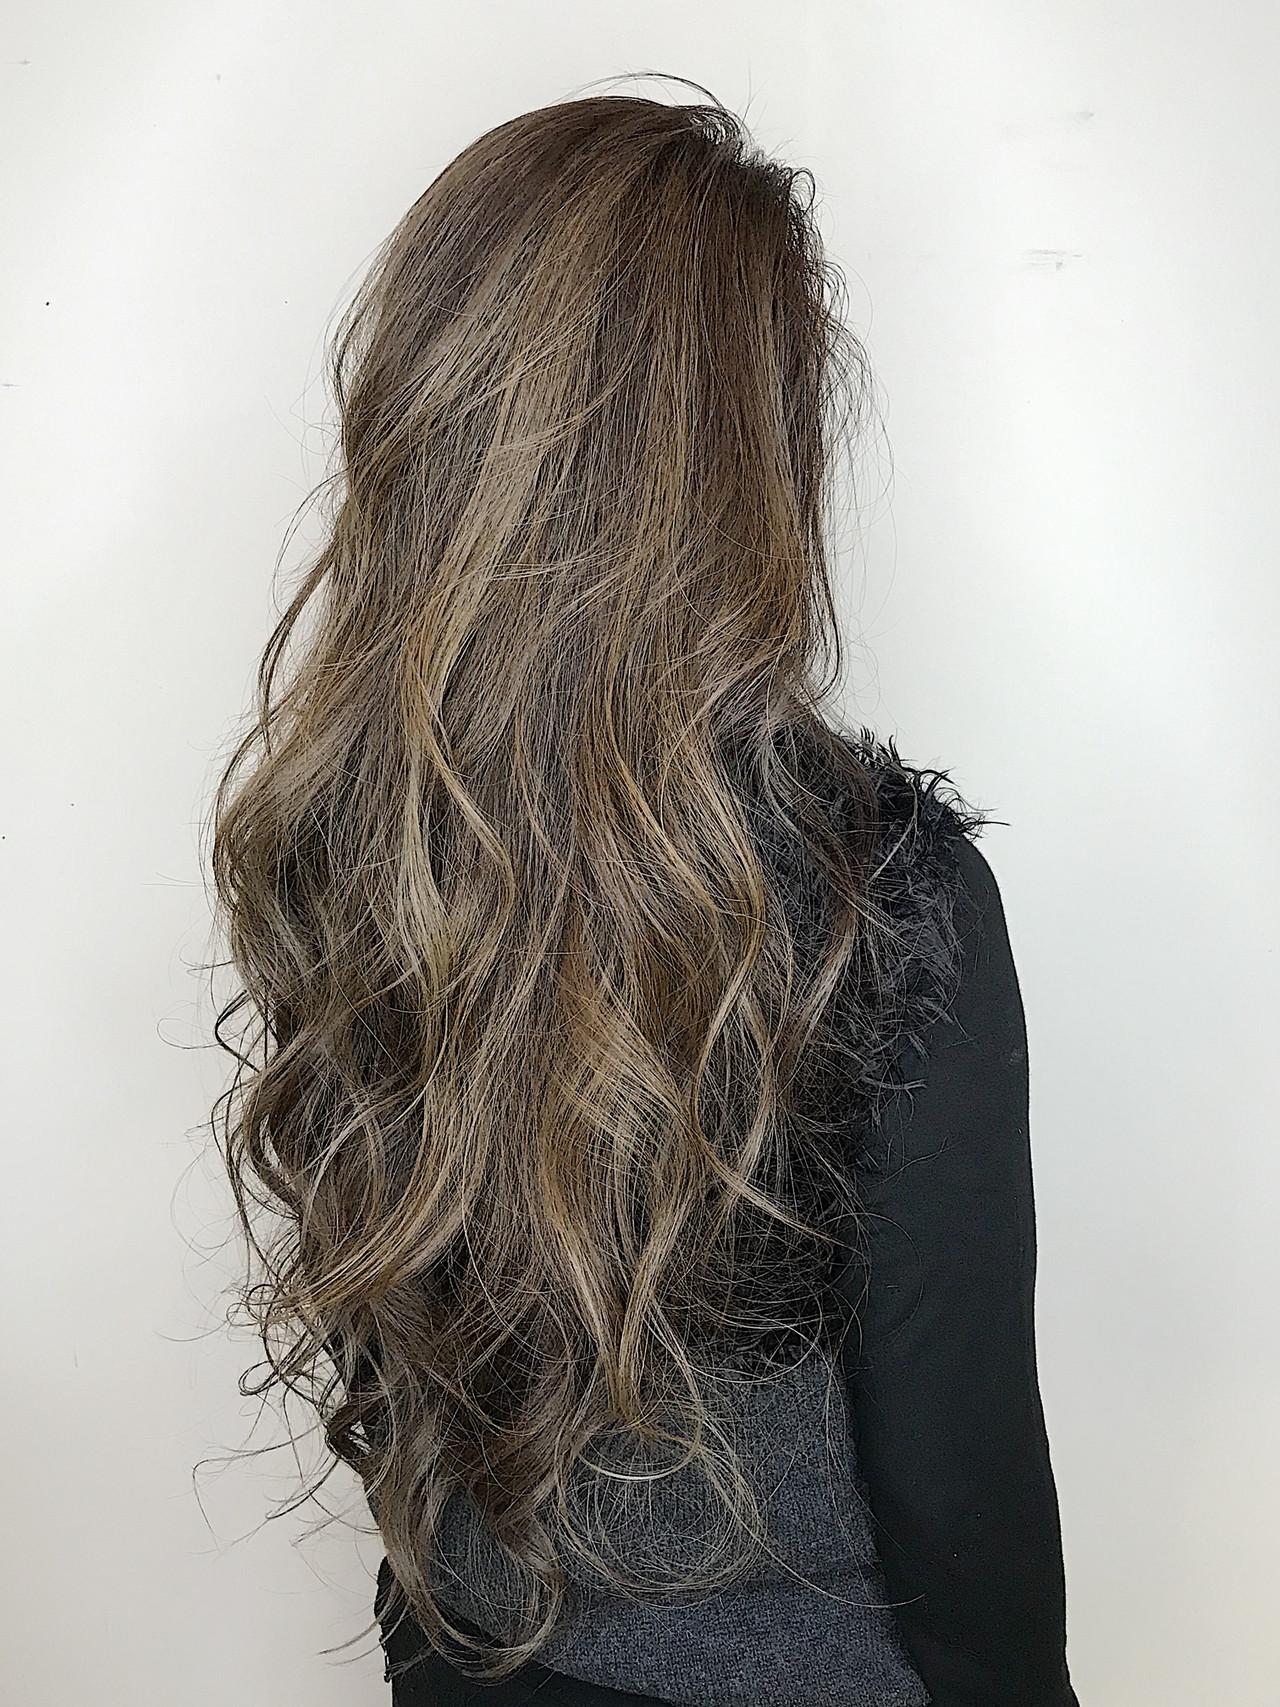 ナチュラル ハイライト シルバー バレイヤージュ ヘアスタイルや髪型の写真・画像 | 内田 一也 / hair/nail space a:le